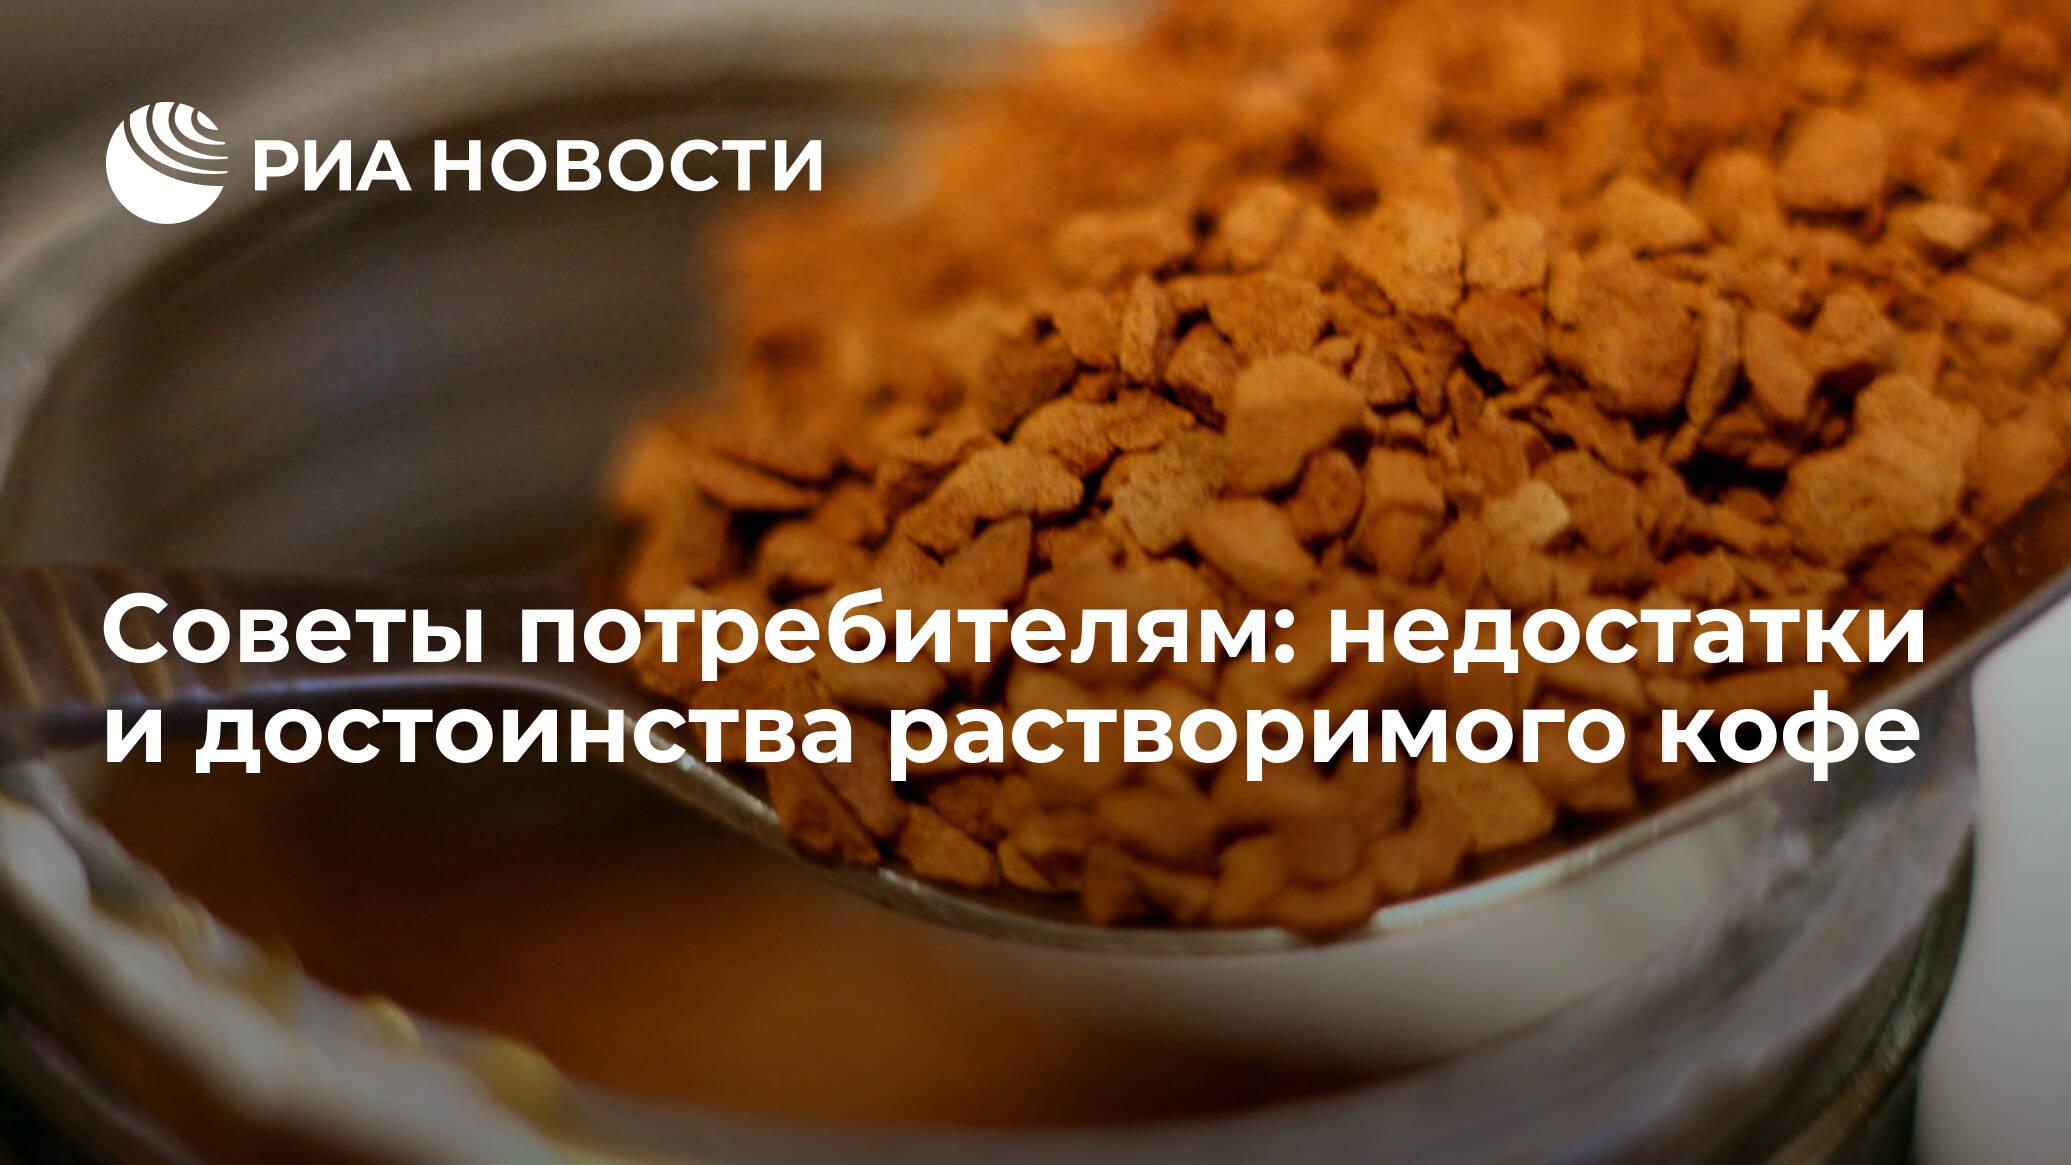 0cd015e54 Советы потребителям: недостатки и достоинства растворимого кофе - РИА  Новости, 24.07.2013